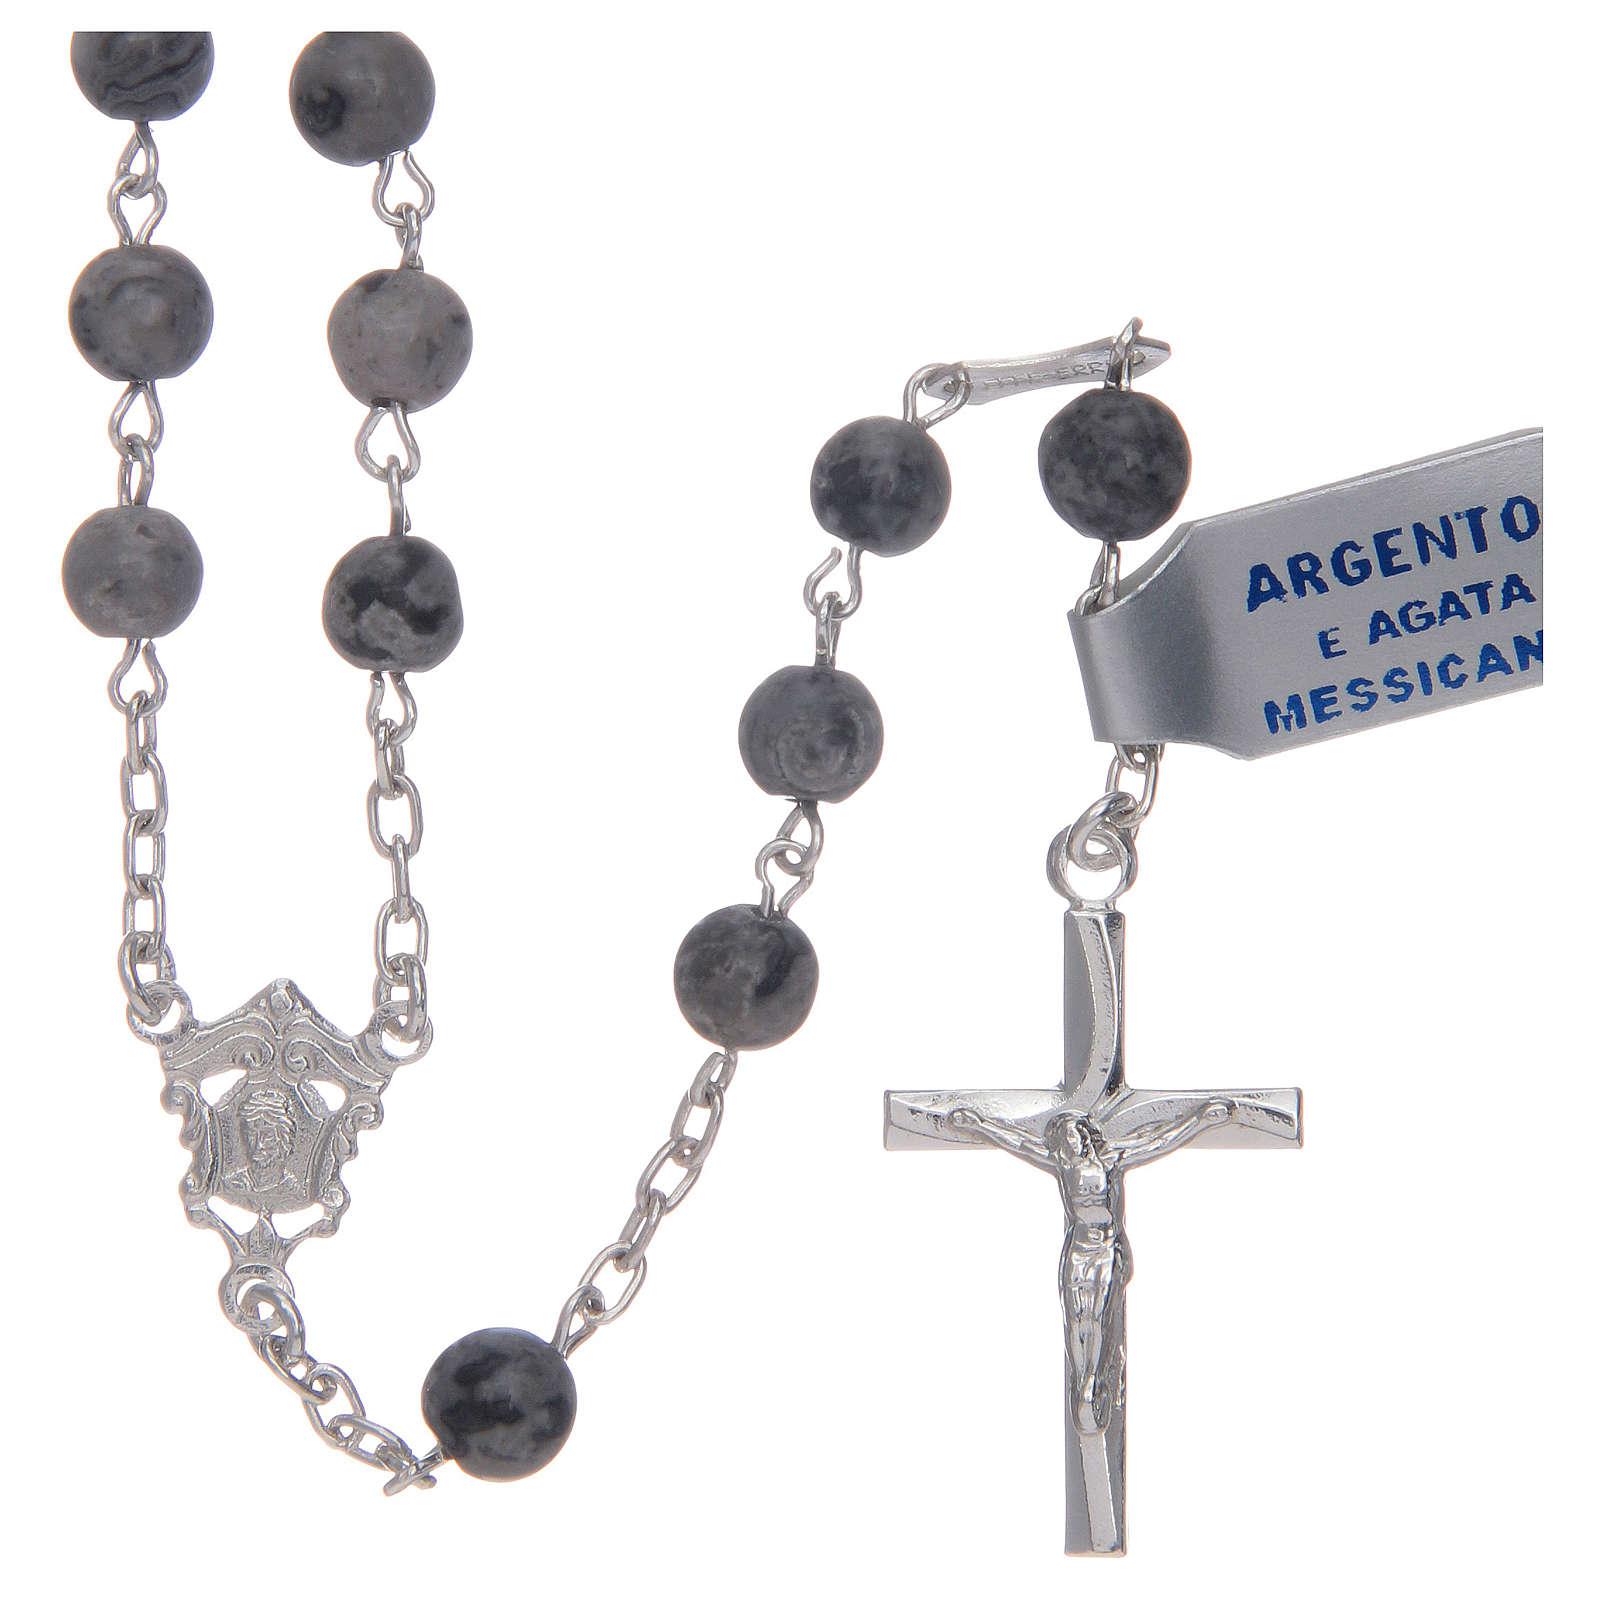 Rosario de ágata mexicana de plata 925 4